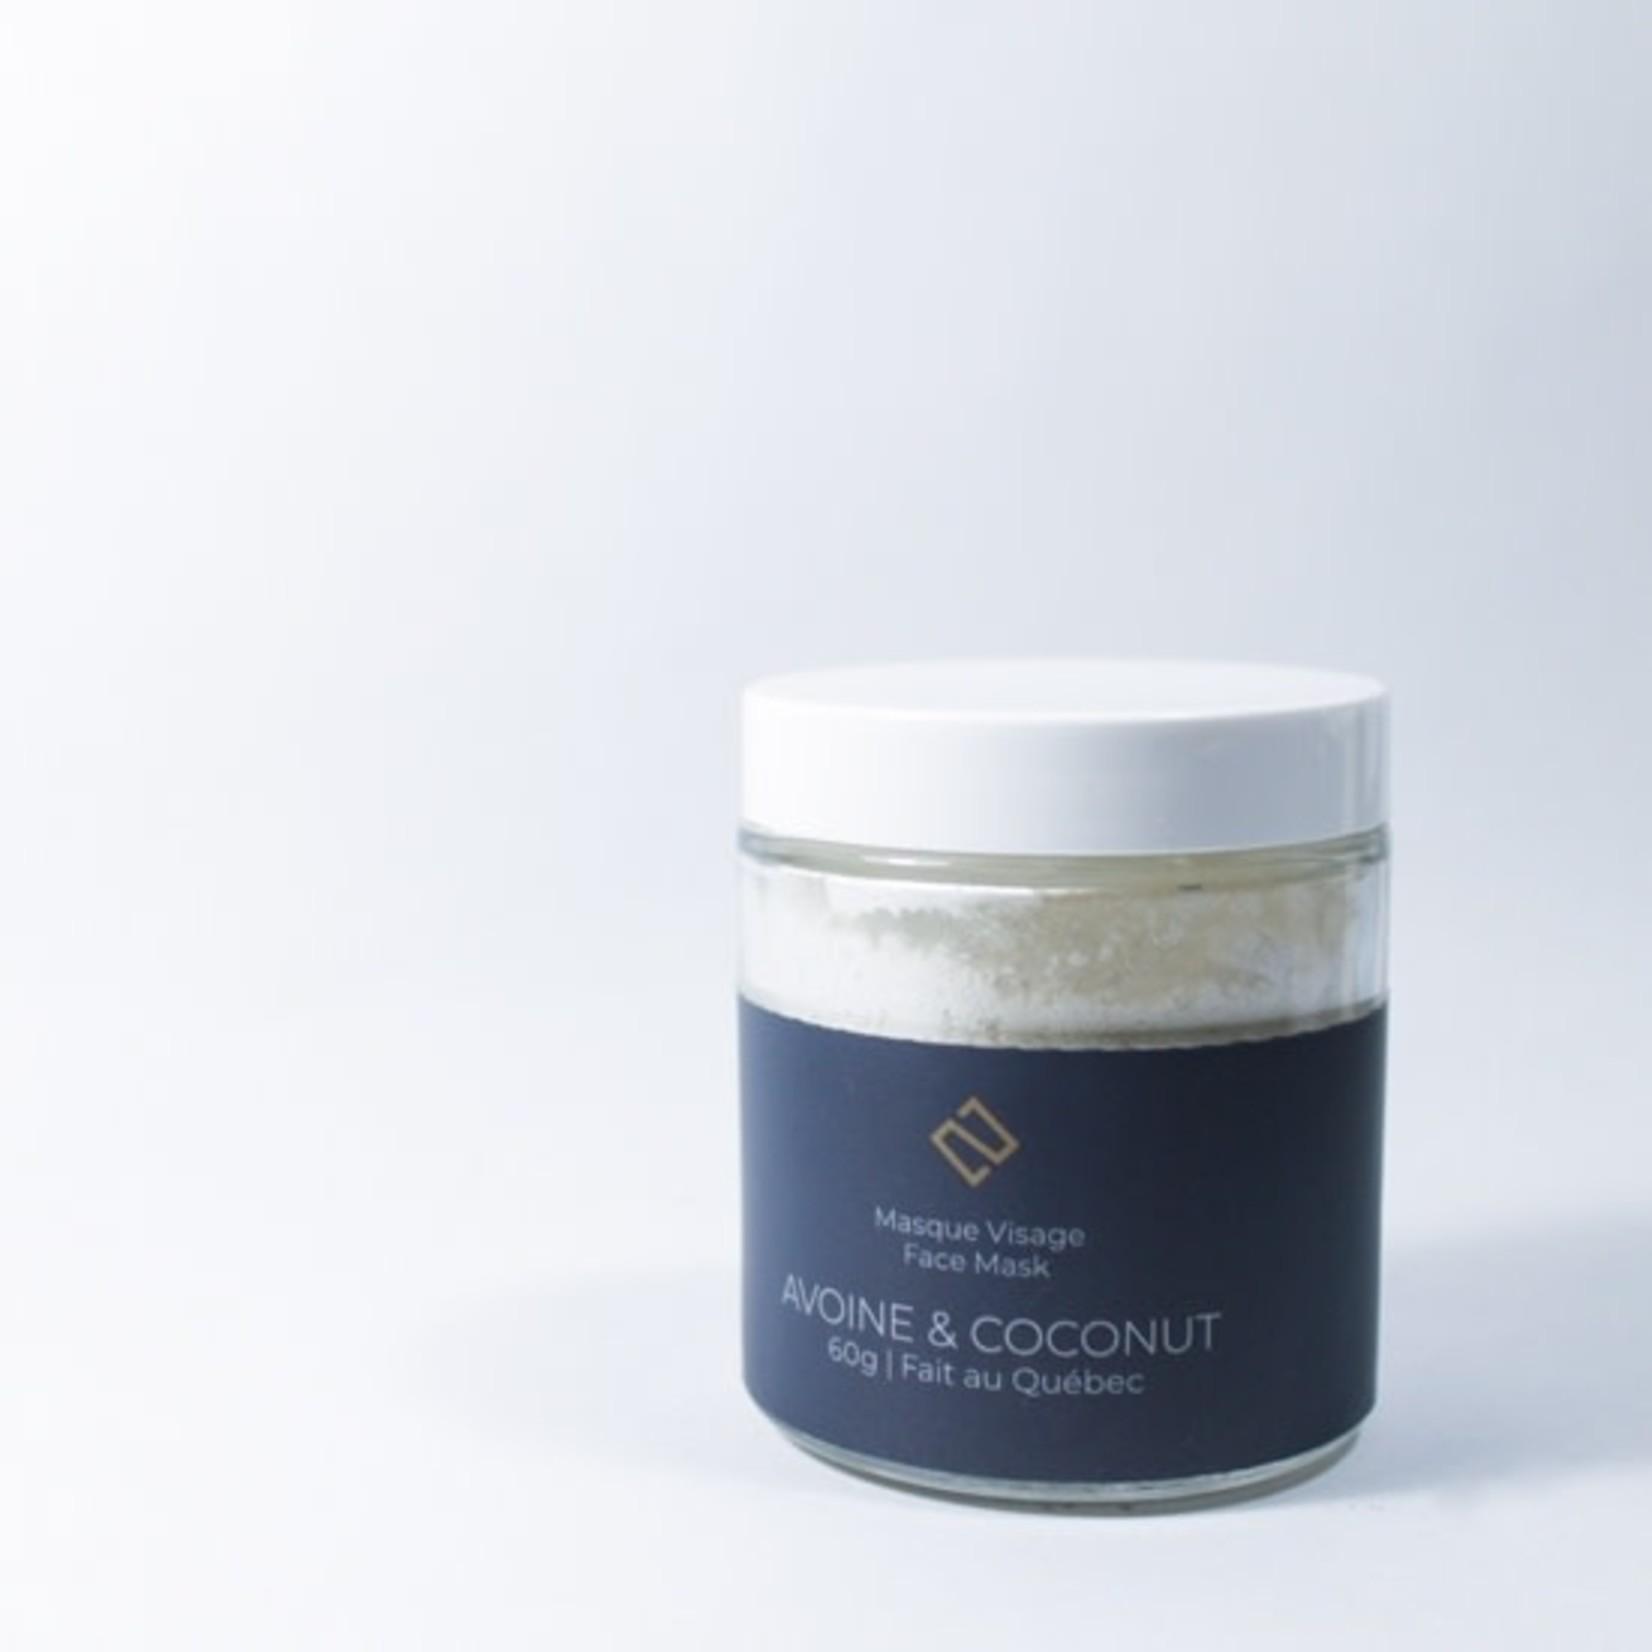 Deux cosmetiques Masque Avoine & Coconut